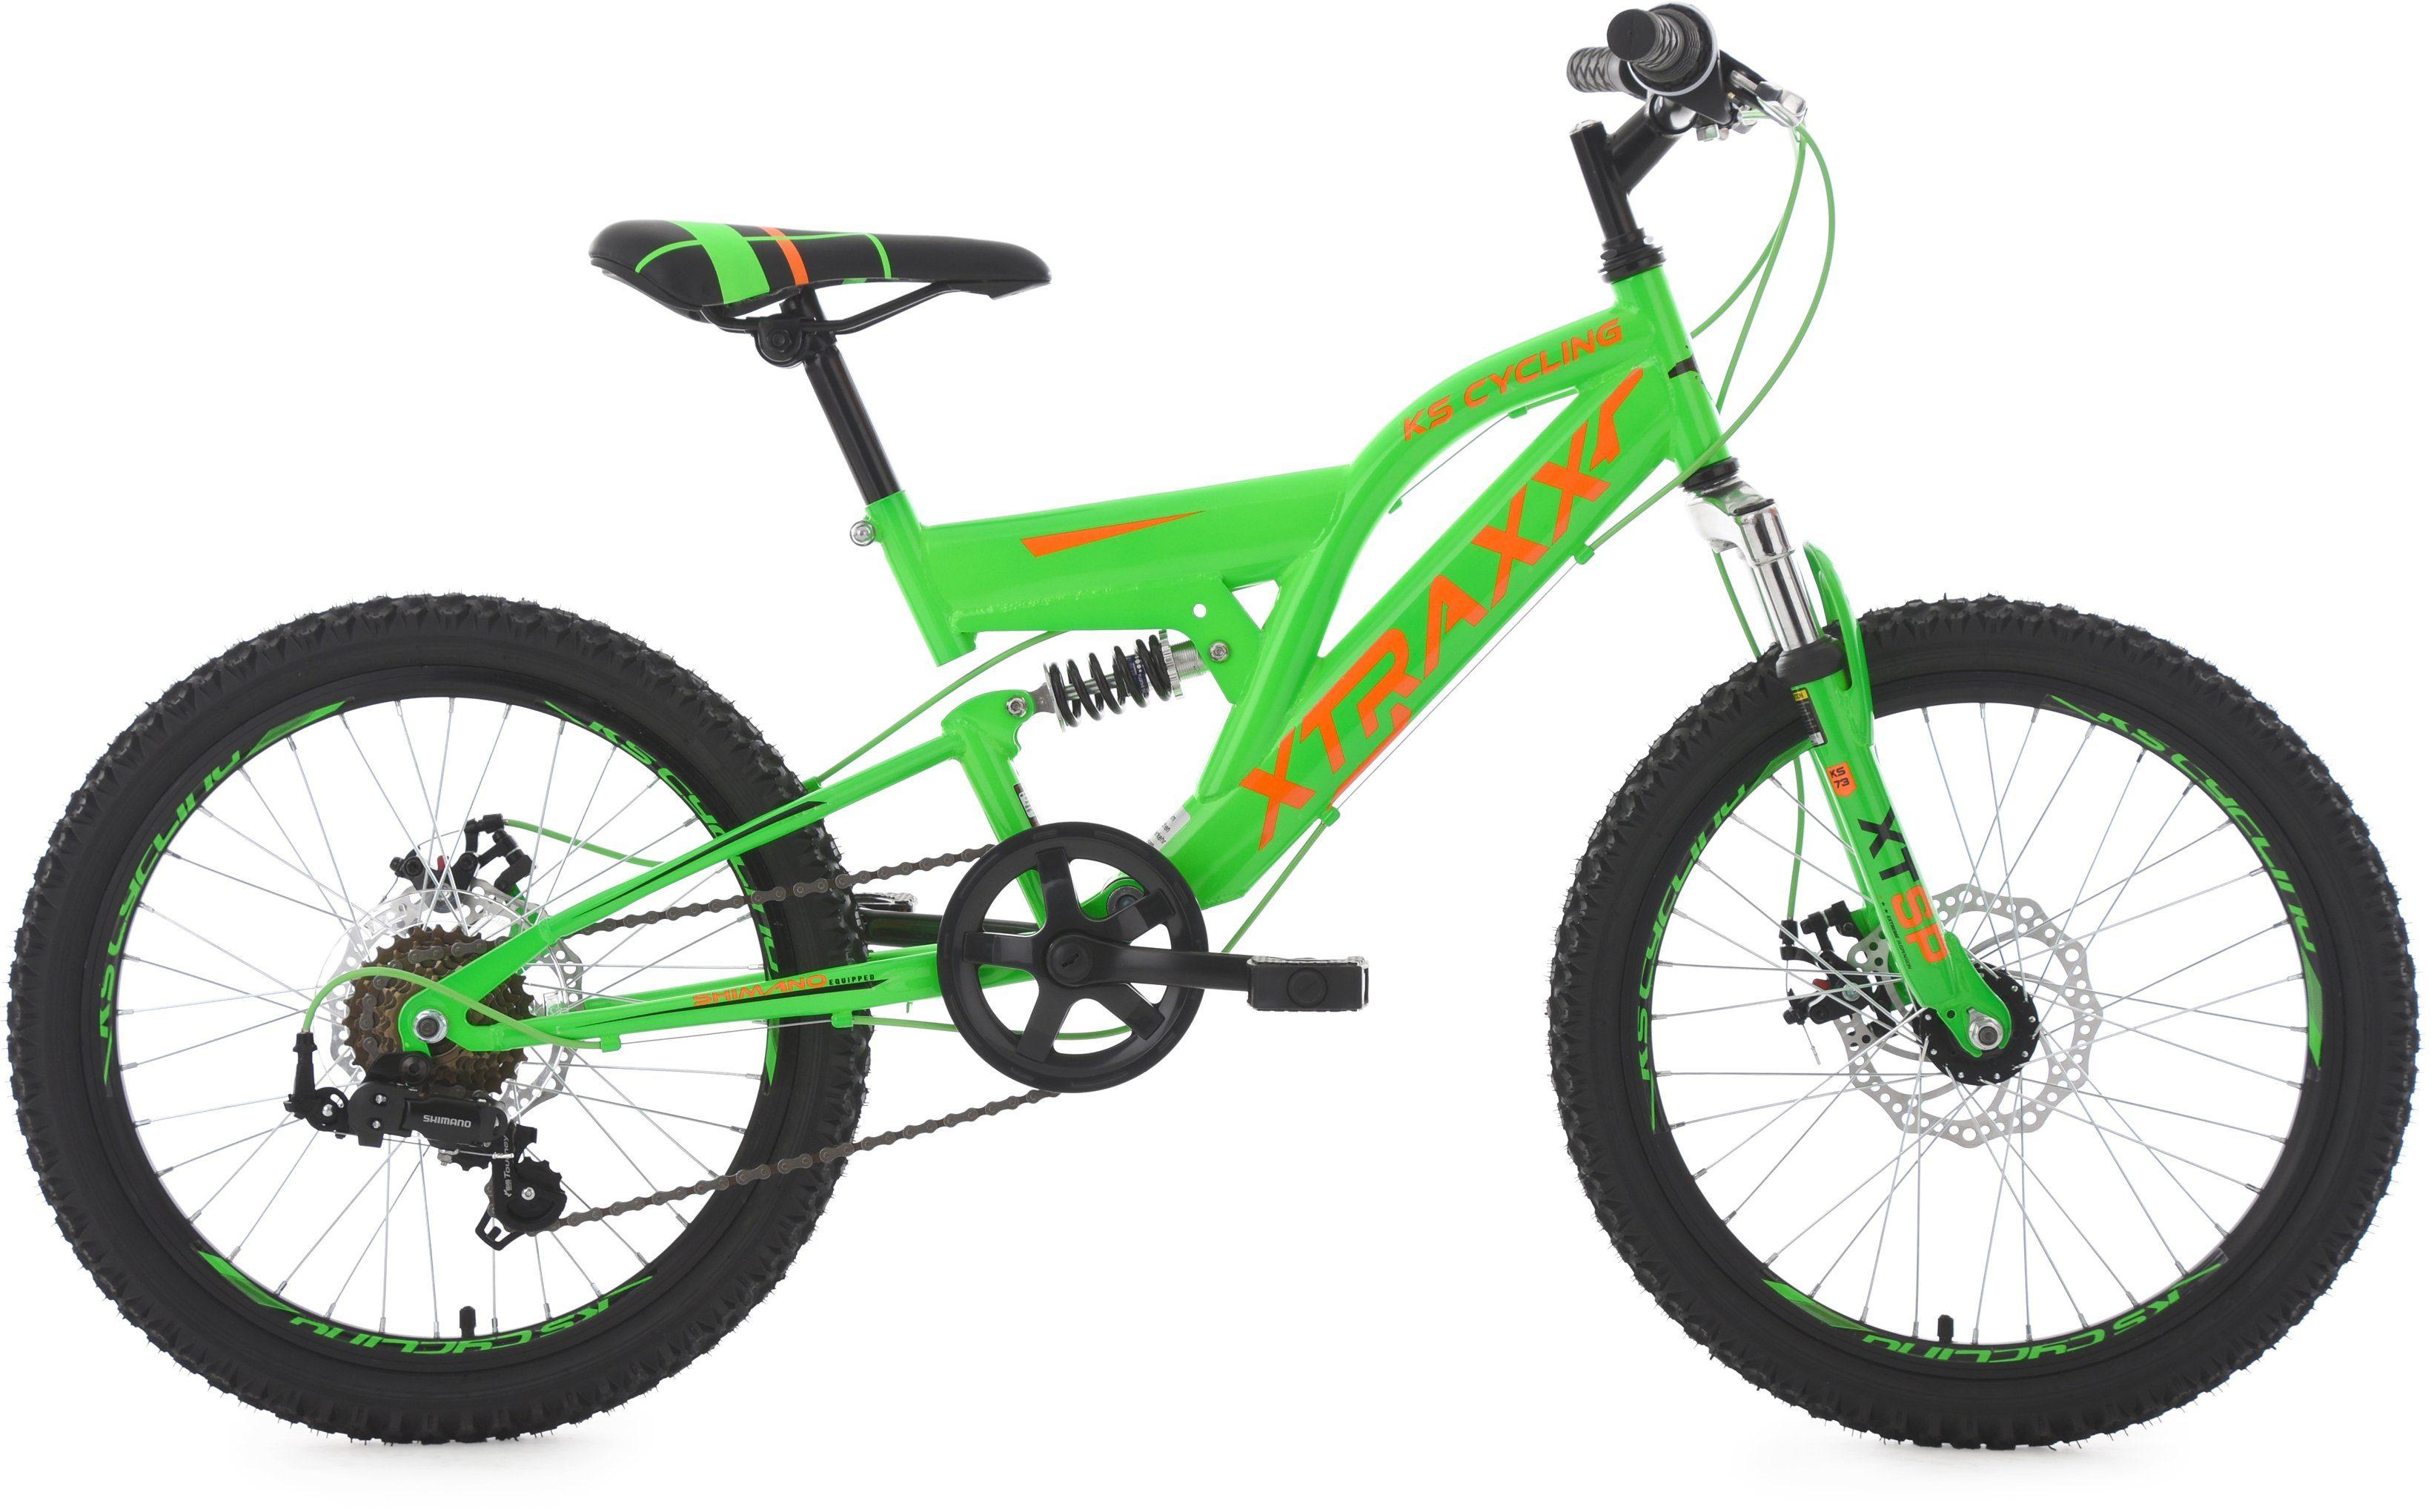 KS Cycling Jugendfahrrad, 20 Zoll, grün-orange, Shimano 7 Gang-Kettenschaltung, »XTRAXX«